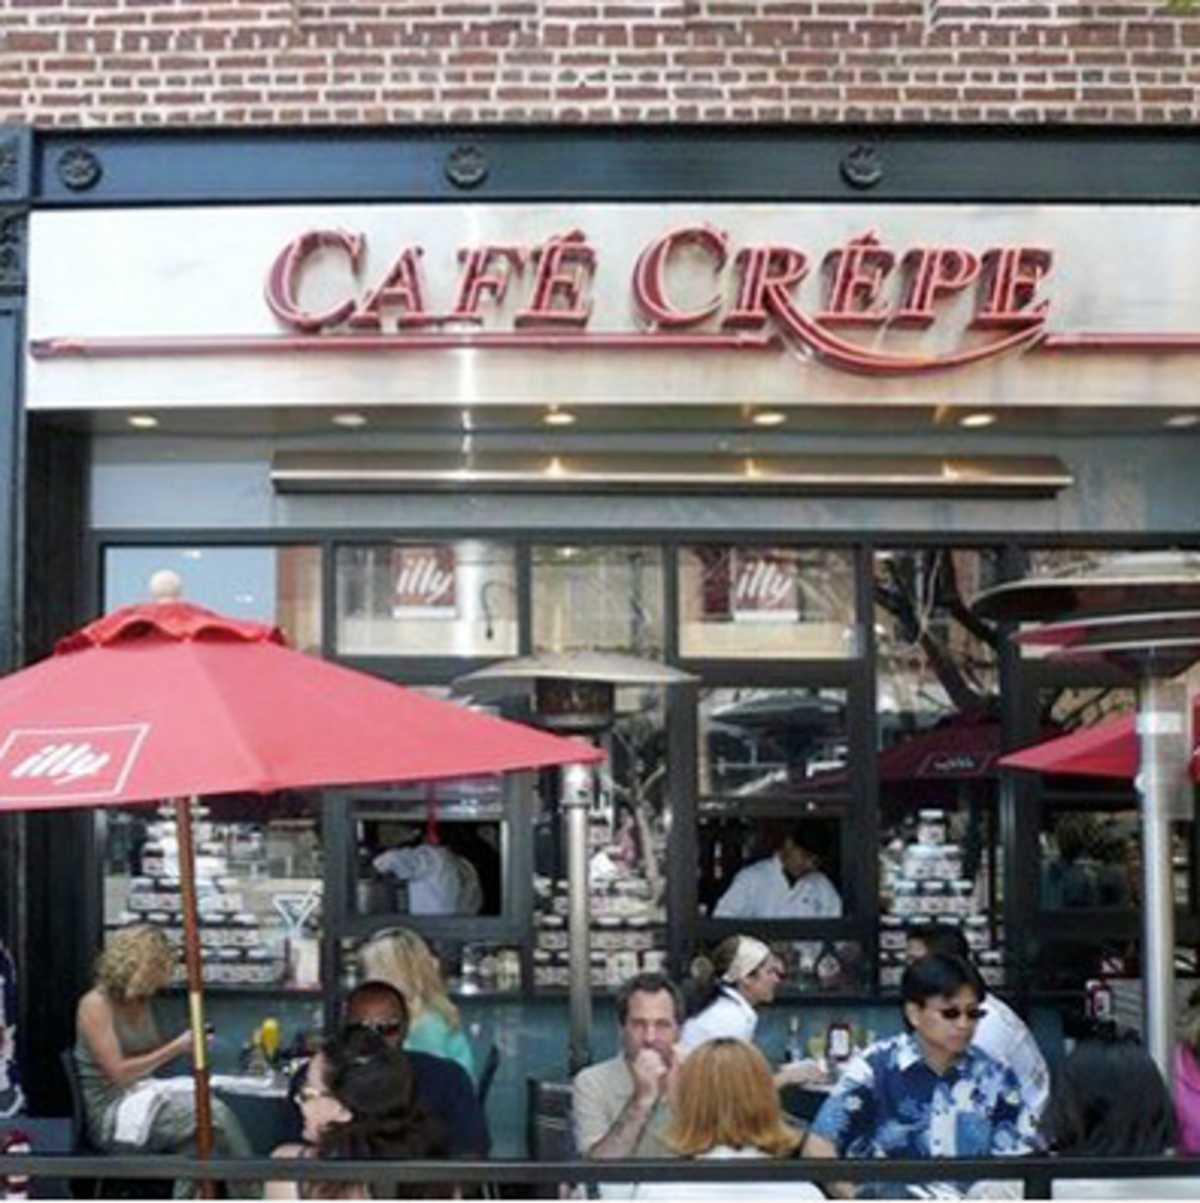 Cafe Crepe in Santa Monica